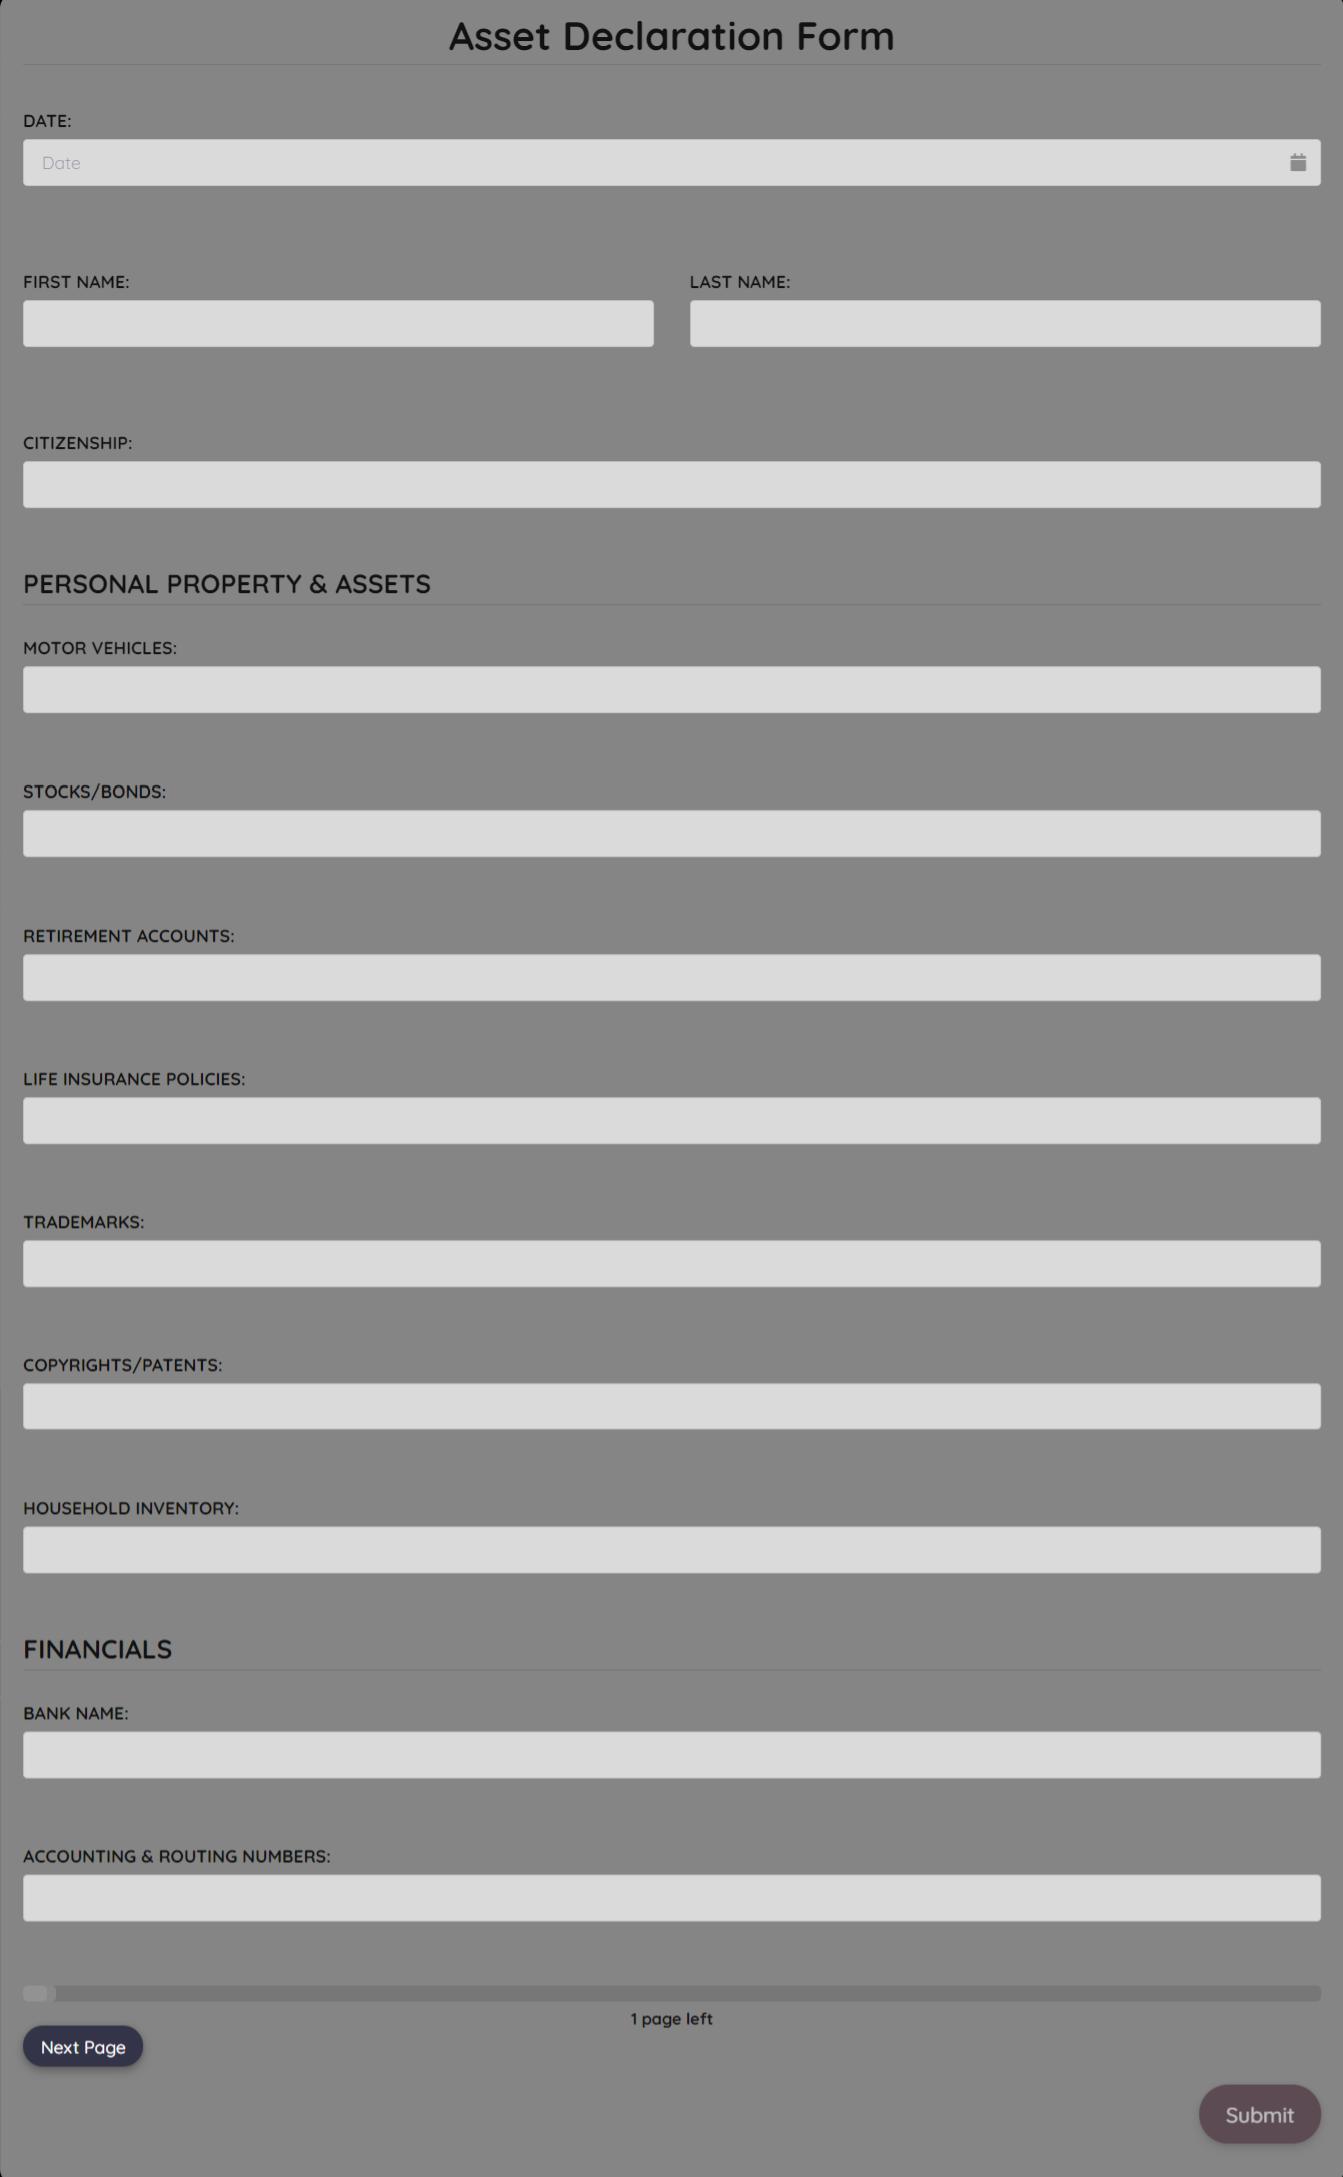 Asset Declaration Form Template template